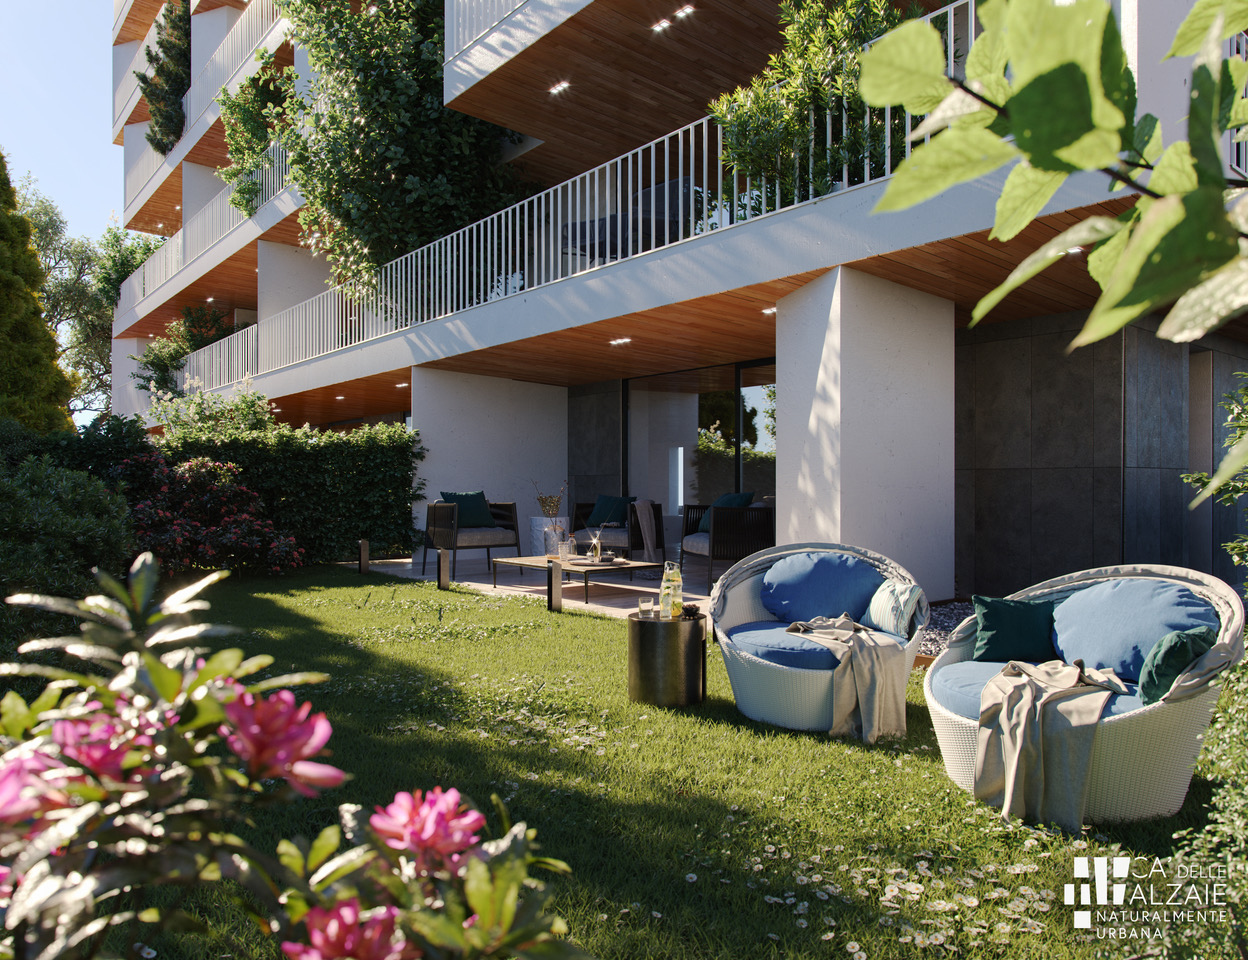 Appartamento in vendita a Treviso, 7 locali, zona Località: Restera, prezzo € 570.000 | PortaleAgenzieImmobiliari.it